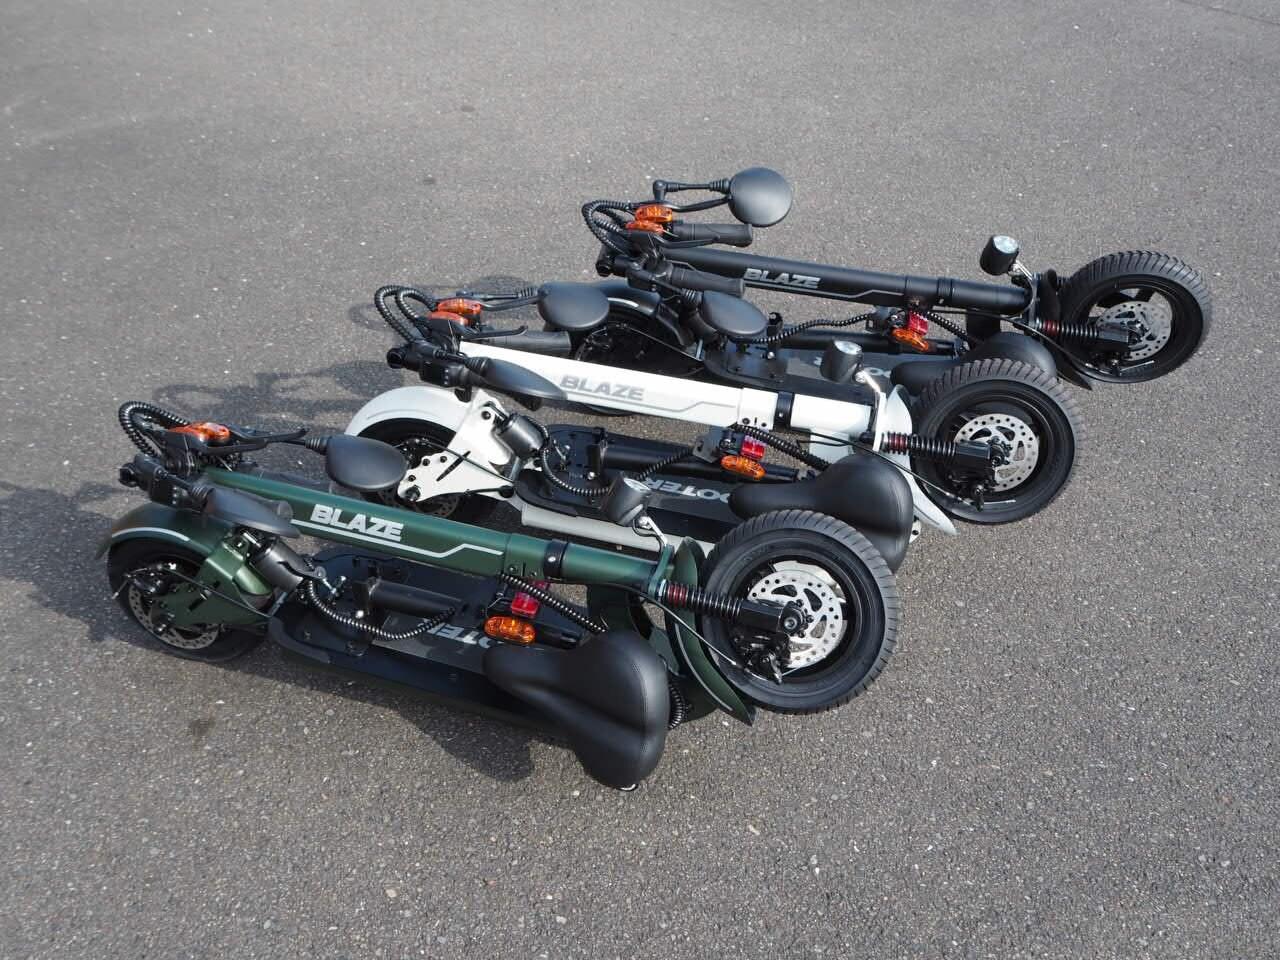 100%電気で動く折畳み可能な電動バイク ブレイズEVスクーター(ホワイト色)【現金払い・銀行振り込み専用チケット】のイメージその5